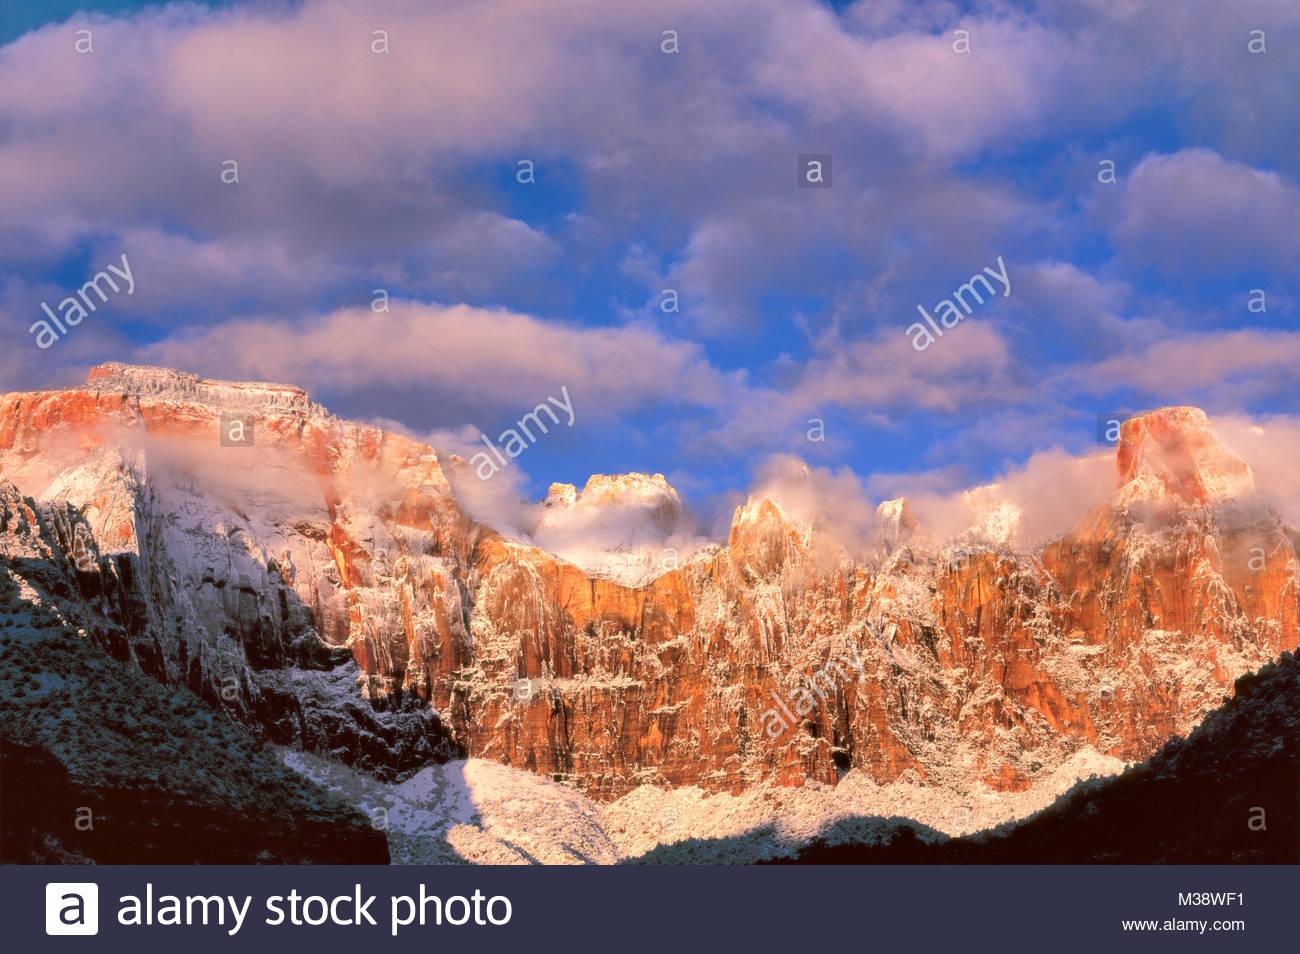 El Templo Oeste y torres de la Virgen después de la tormenta de invierno, el Parque Nacional de Zion, Utah Imagen De Stock